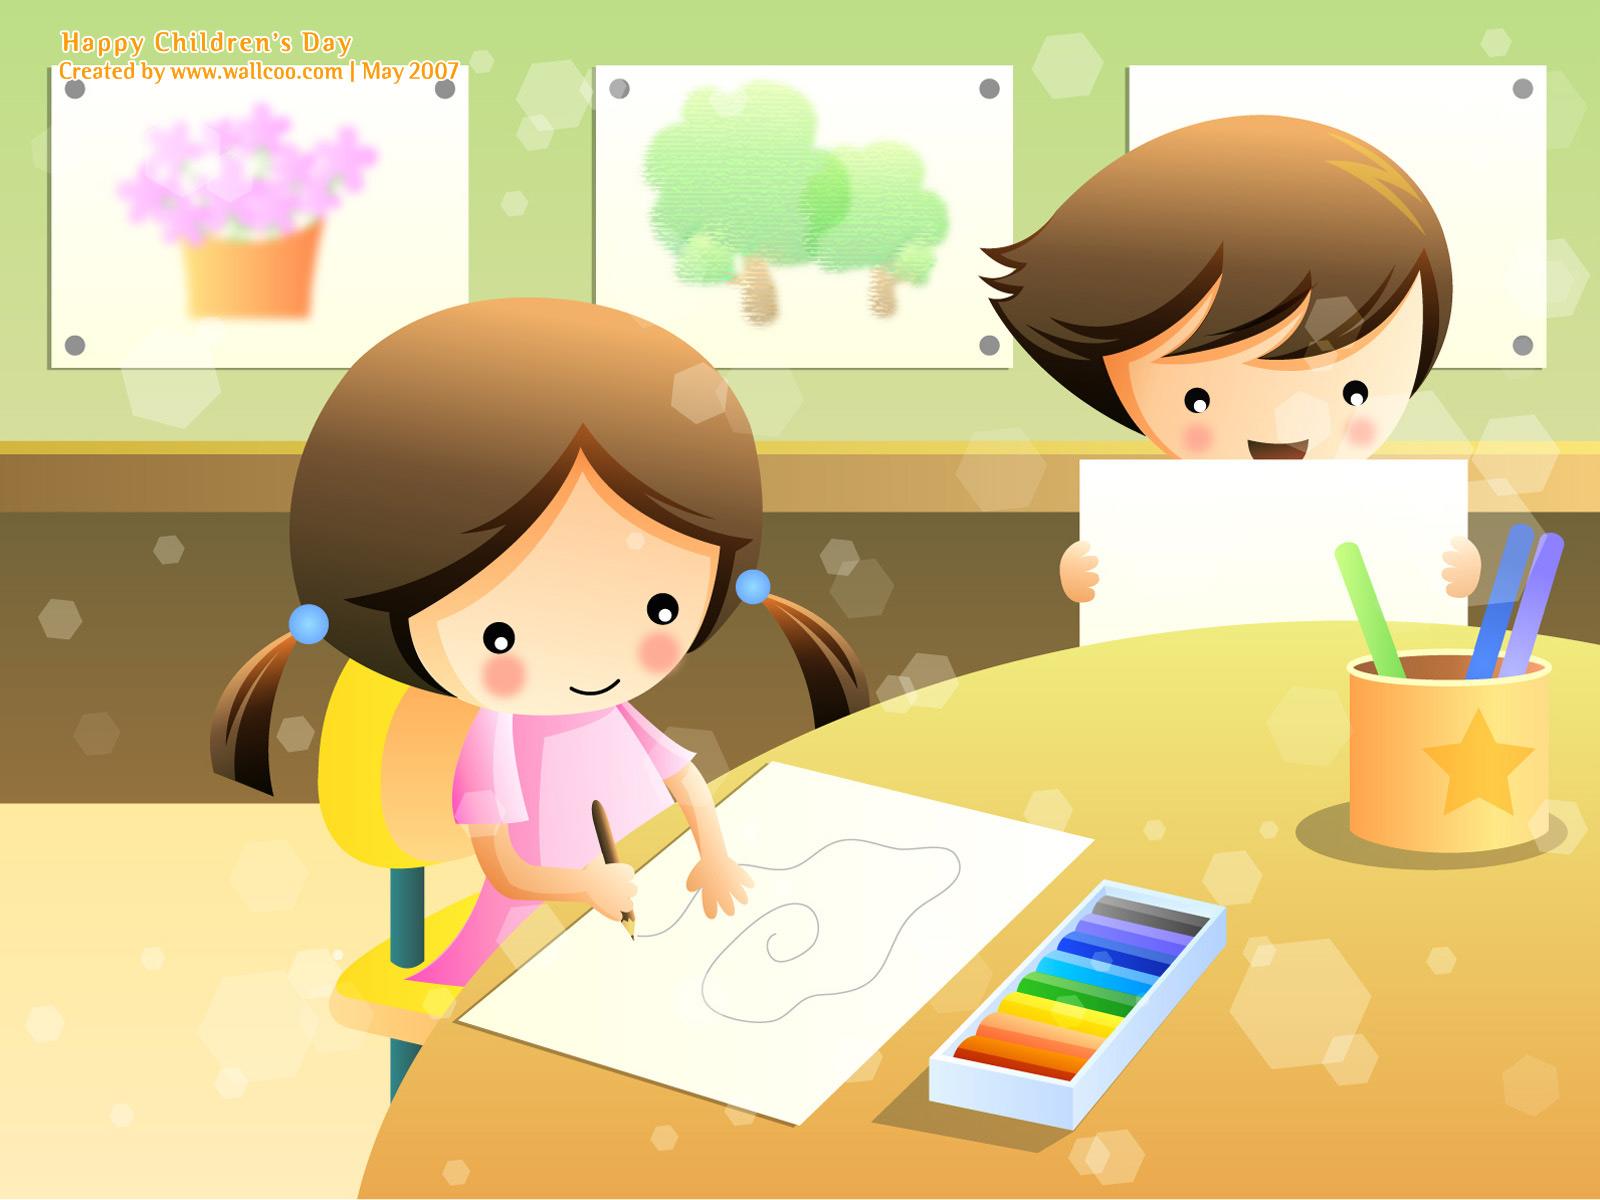 http://4.bp.blogspot.com/_fCMwSkepyGk/Swld9hguqBI/AAAAAAAACv0/s0hbxNY5cQ0/s1600/Children_Day_vector_wallpaper_12-778548.jpg